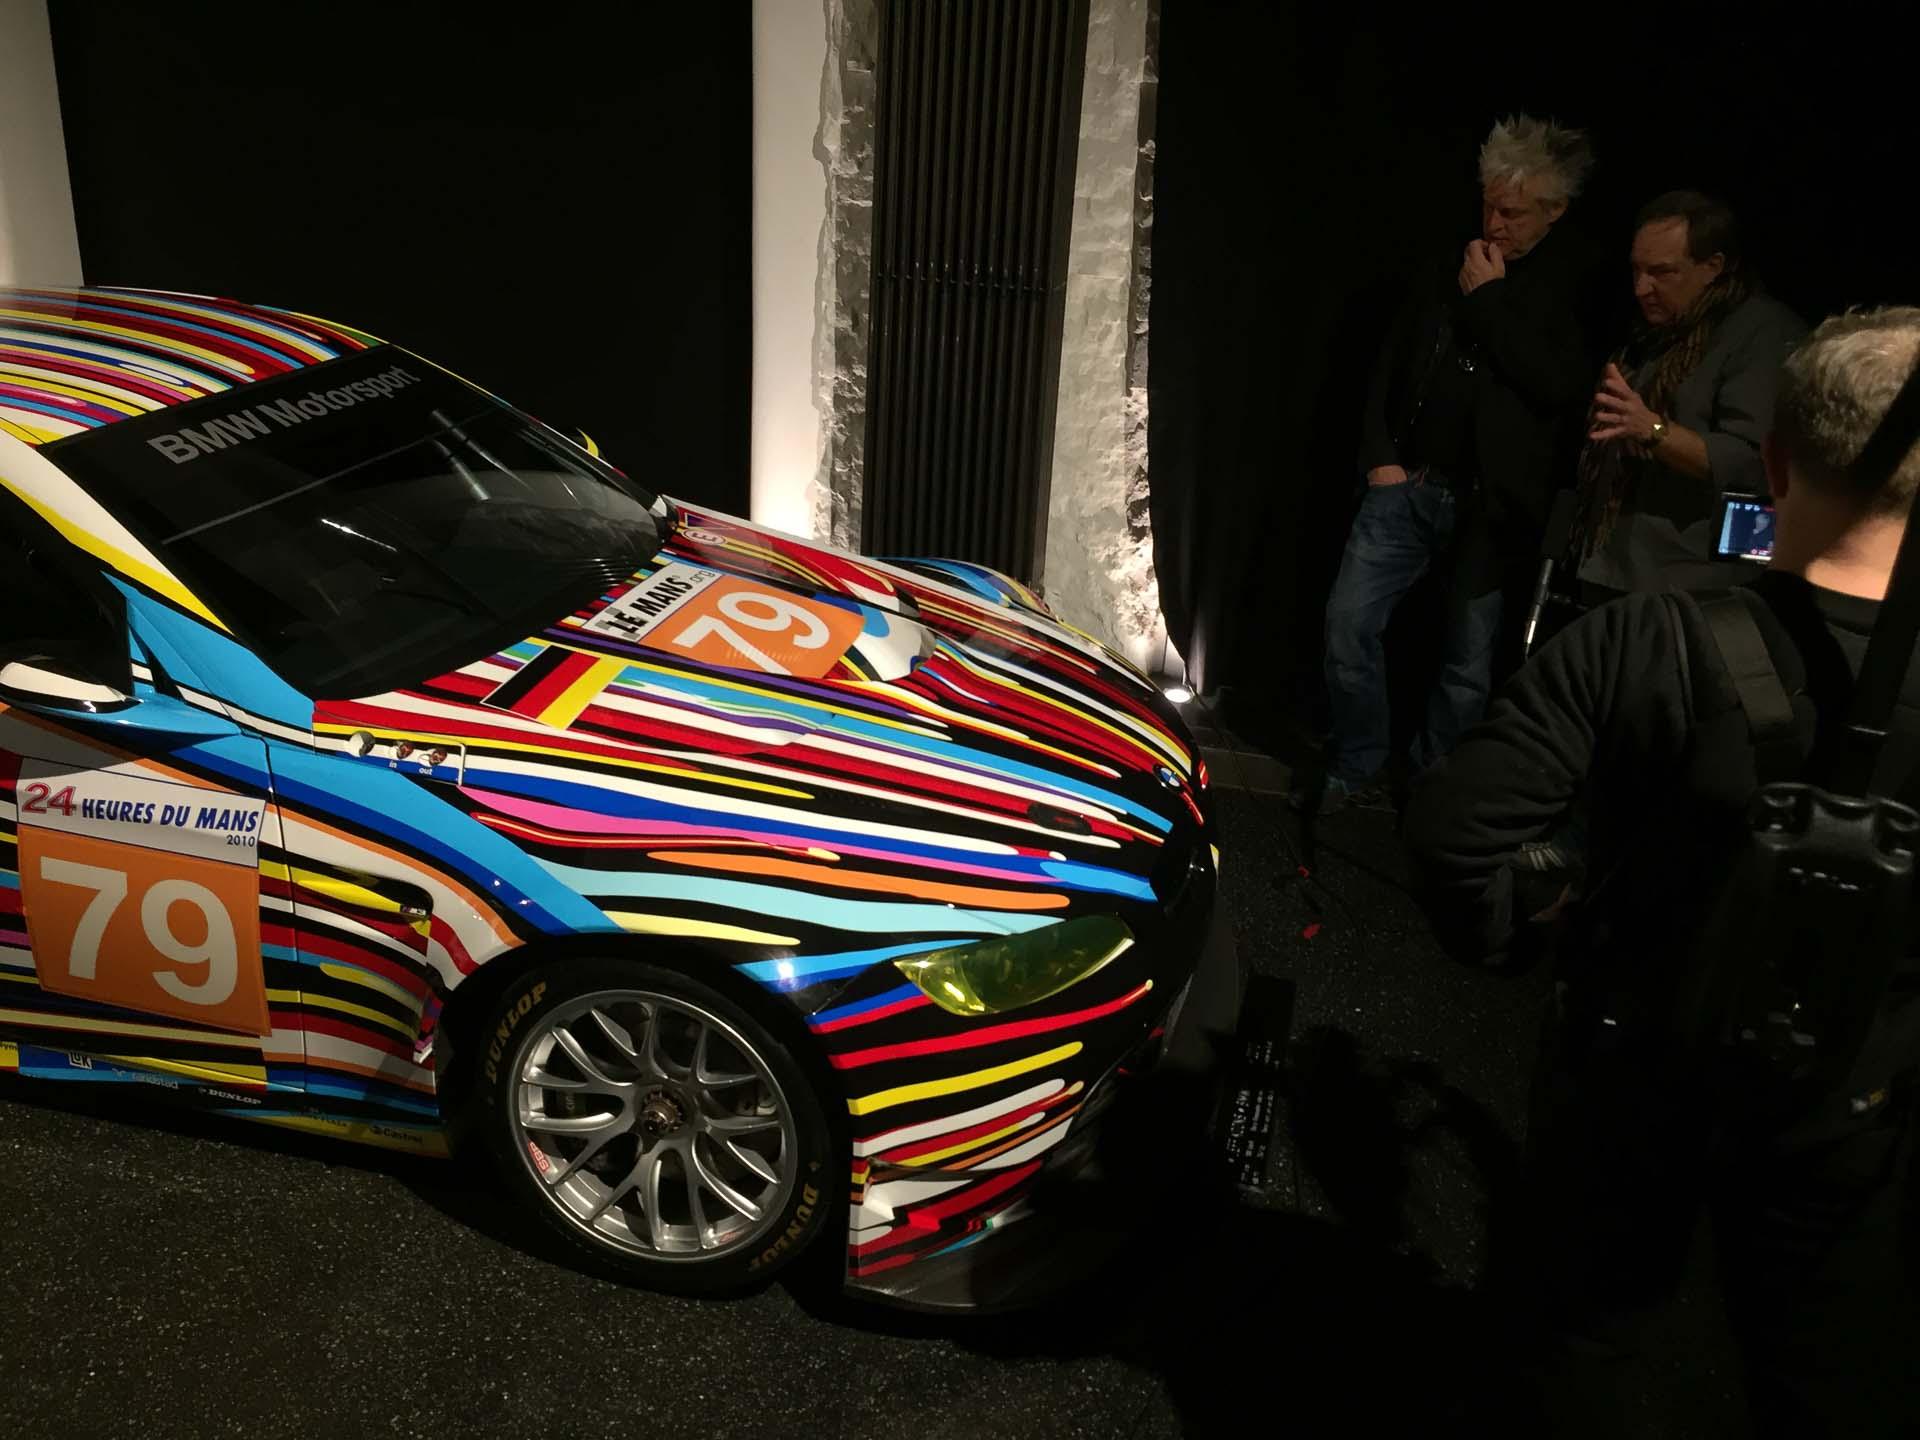 2010 BMW M3 GT2, Jeff Koons